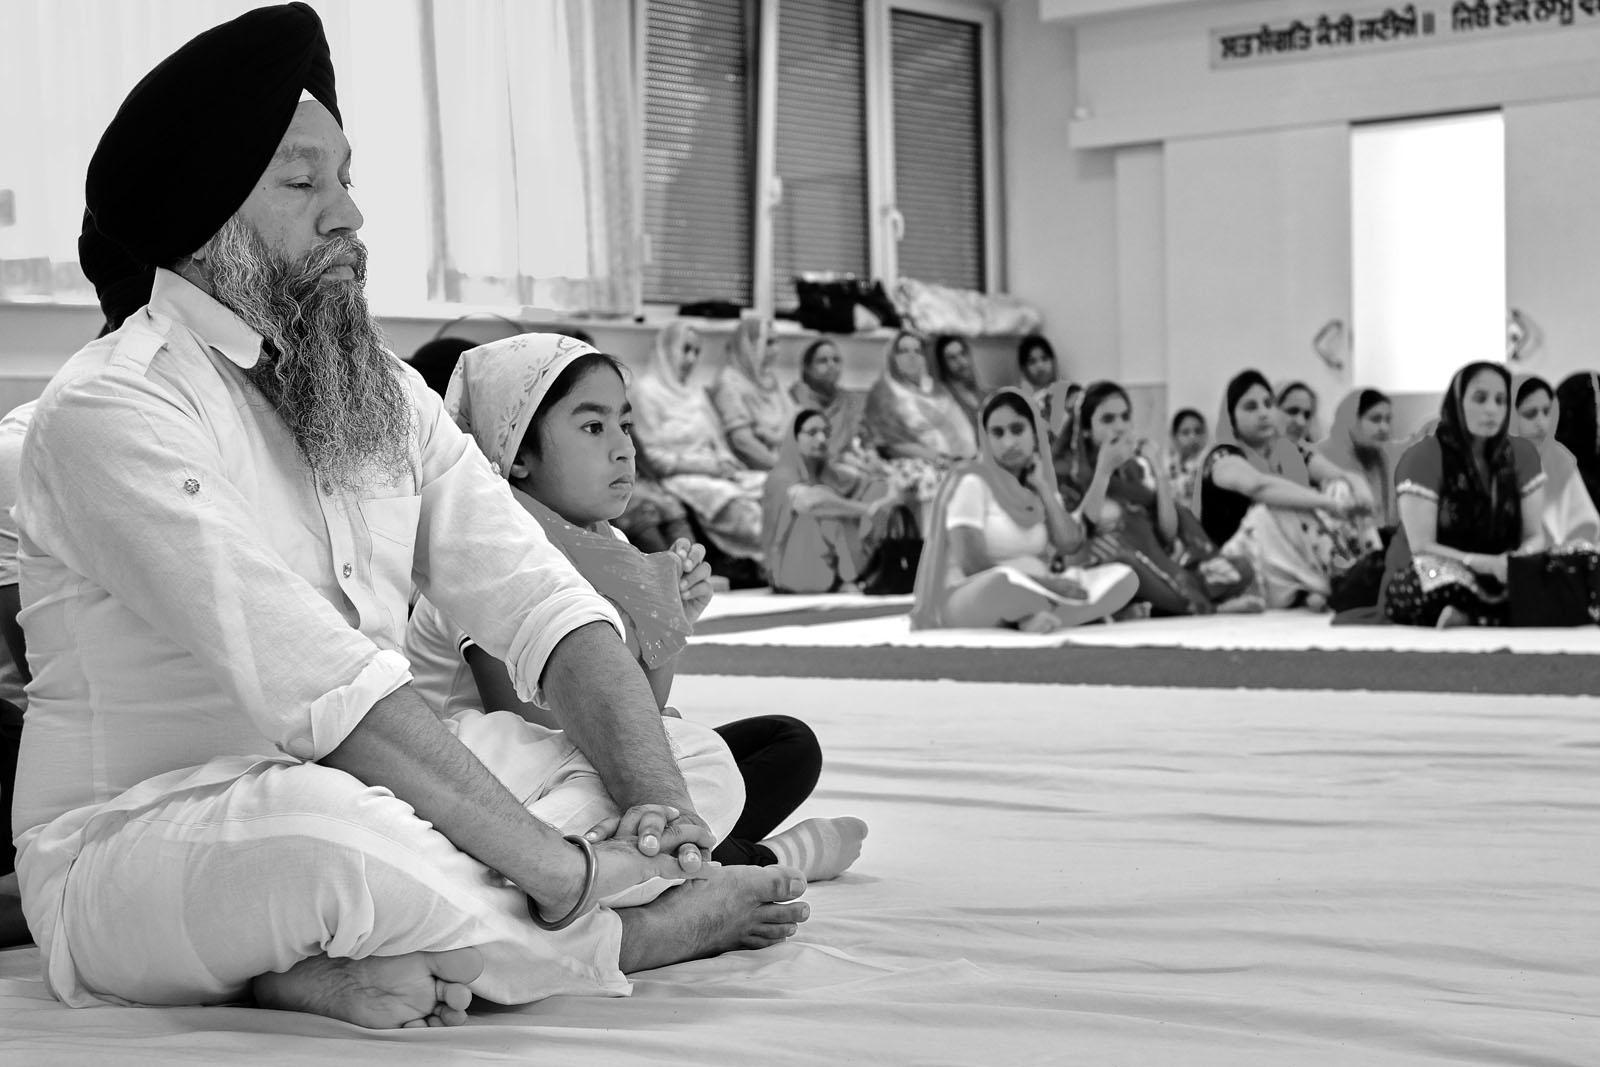 05_Sikh